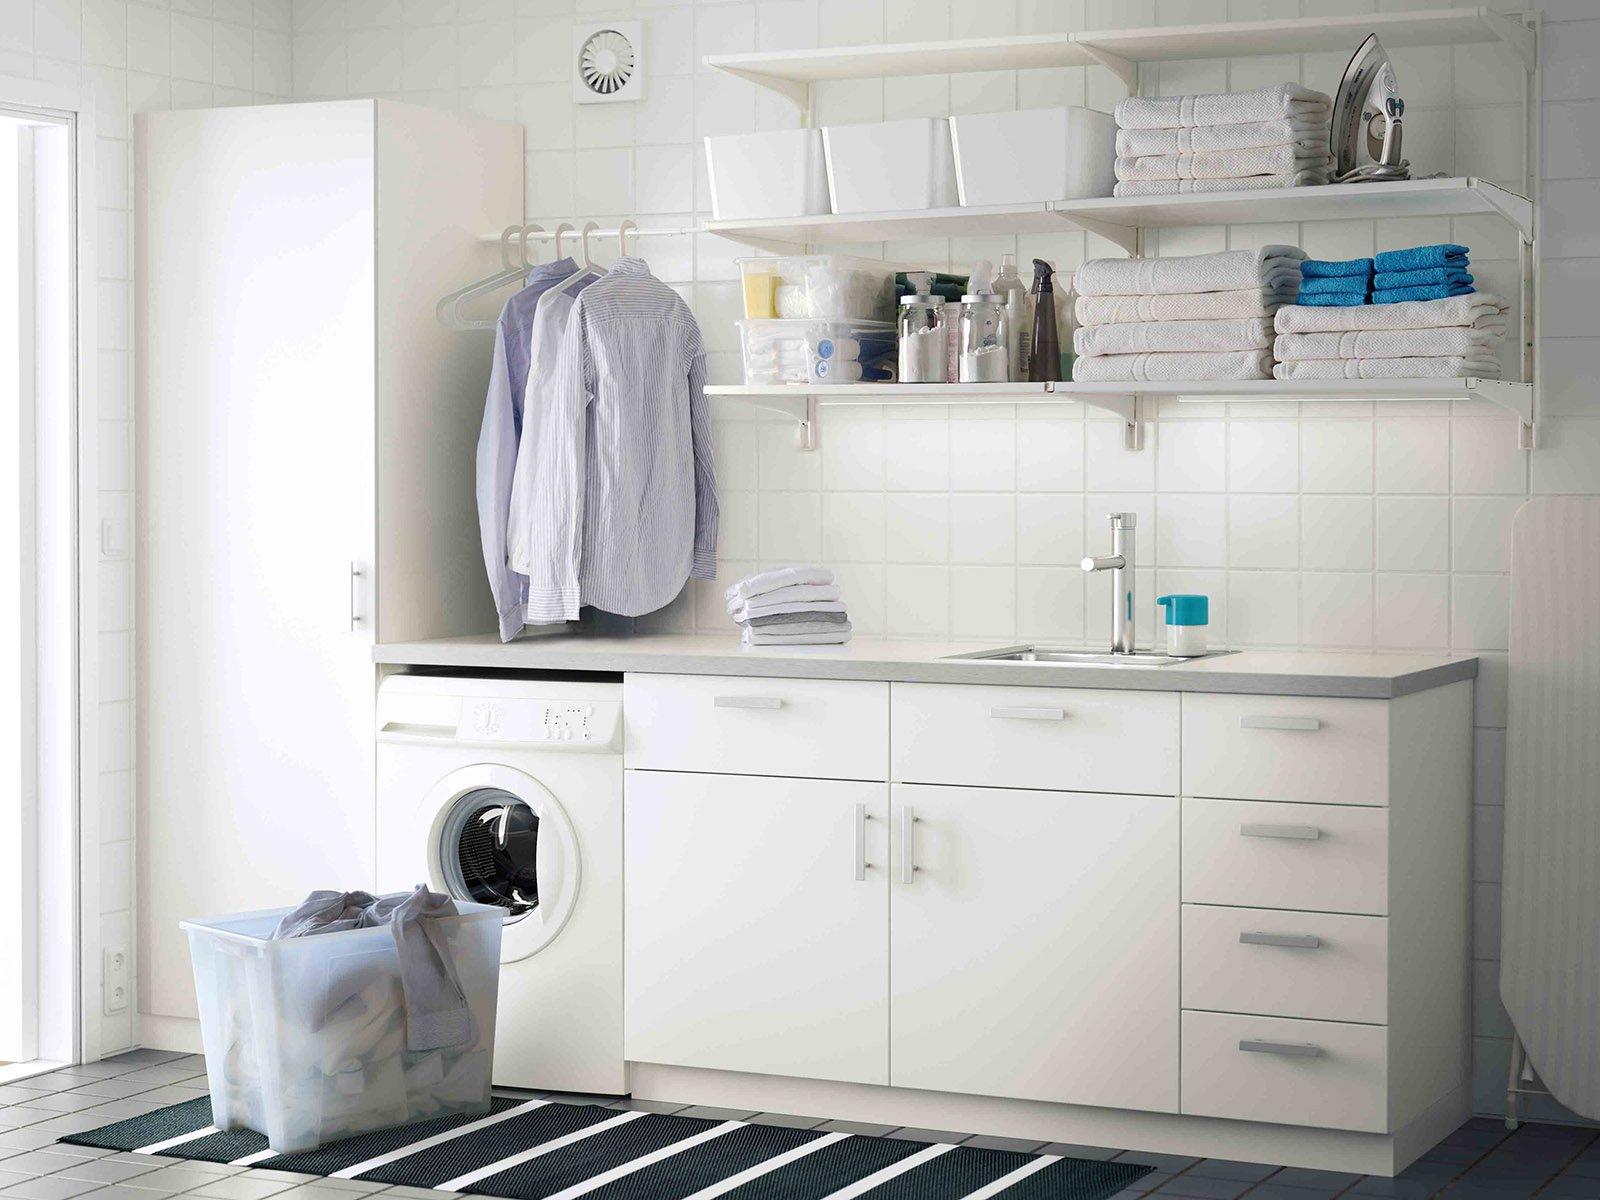 La lavanderia uno spazio per nascondere lavatrice e - Agencement cellier buanderie ...